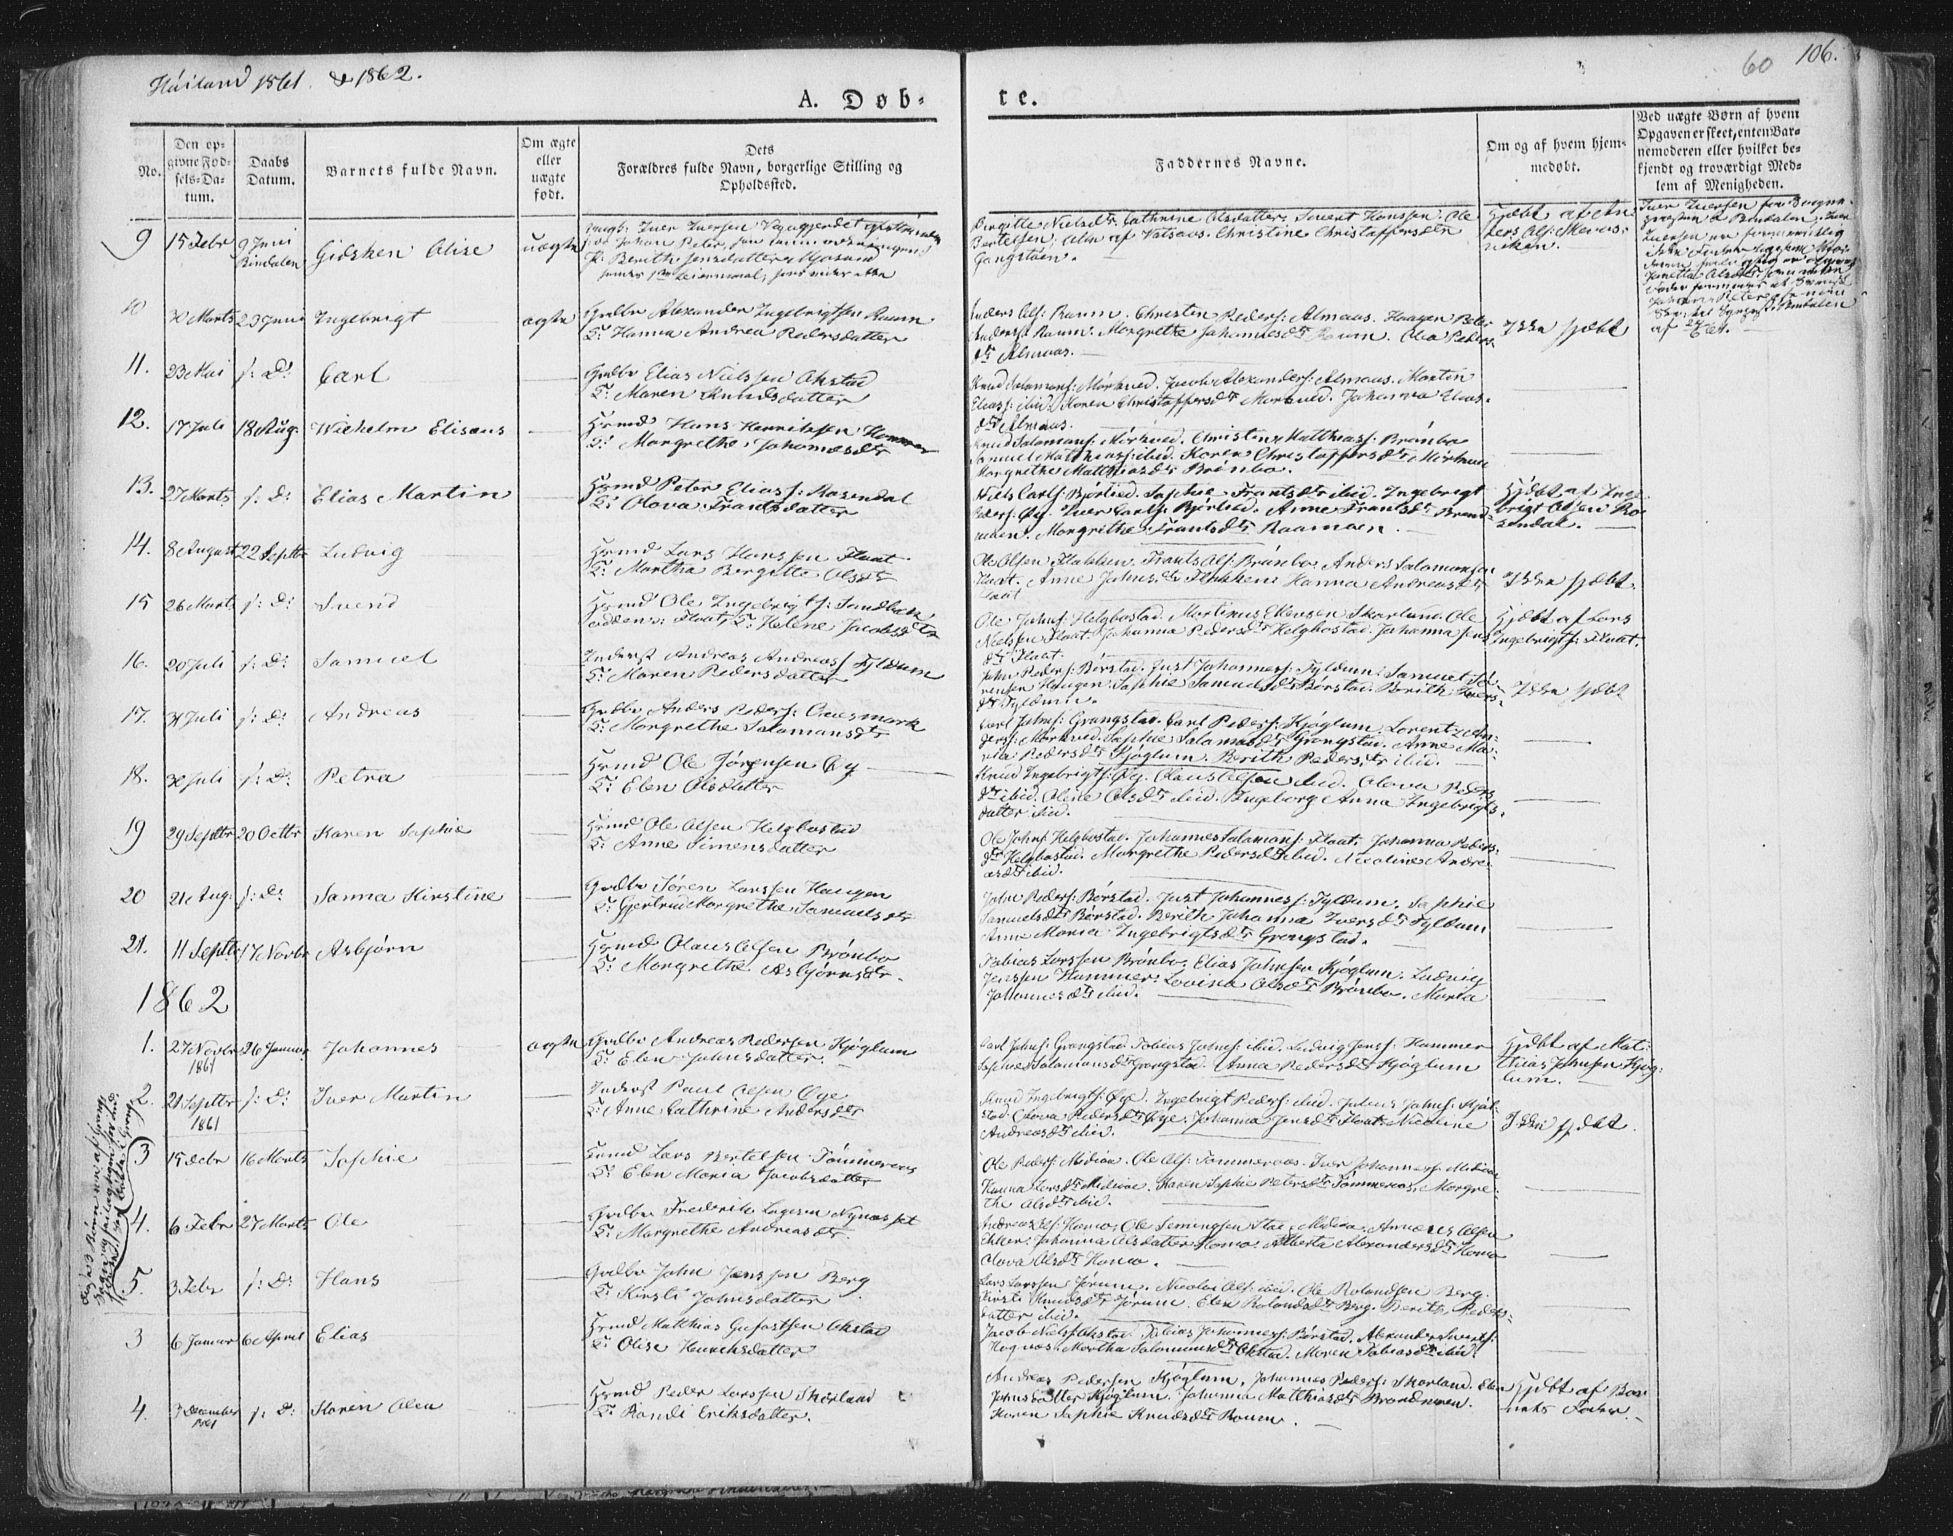 SAT, Ministerialprotokoller, klokkerbøker og fødselsregistre - Nord-Trøndelag, 758/L0513: Ministerialbok nr. 758A02 /2, 1839-1868, s. 60